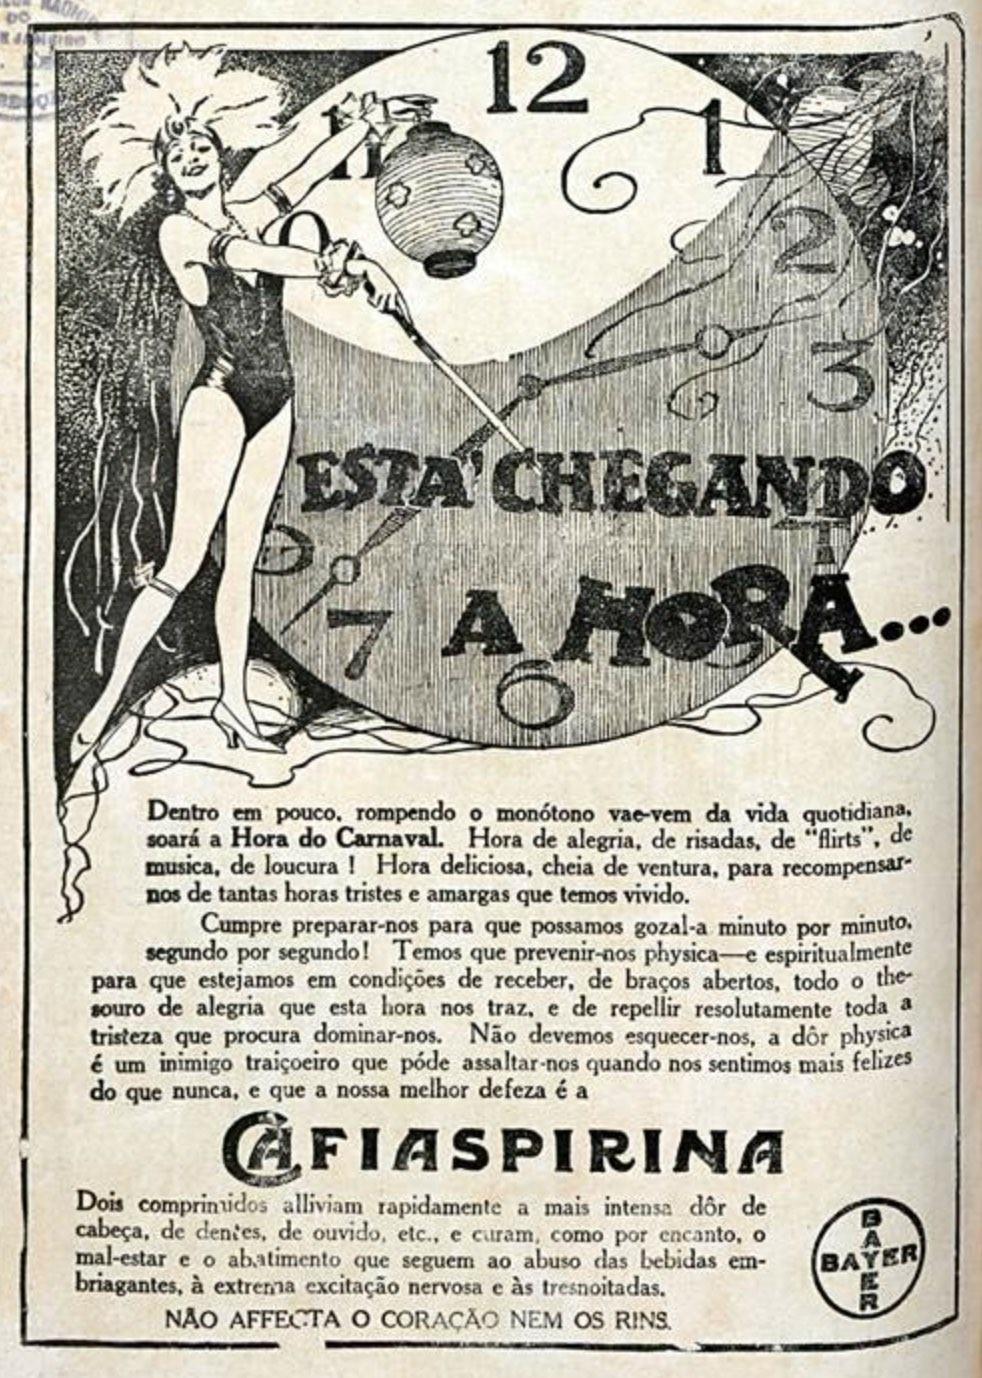 Propaganda antiga da Cafiaspirina promovendo o medicamento às vésperas do Carnaval de 1927